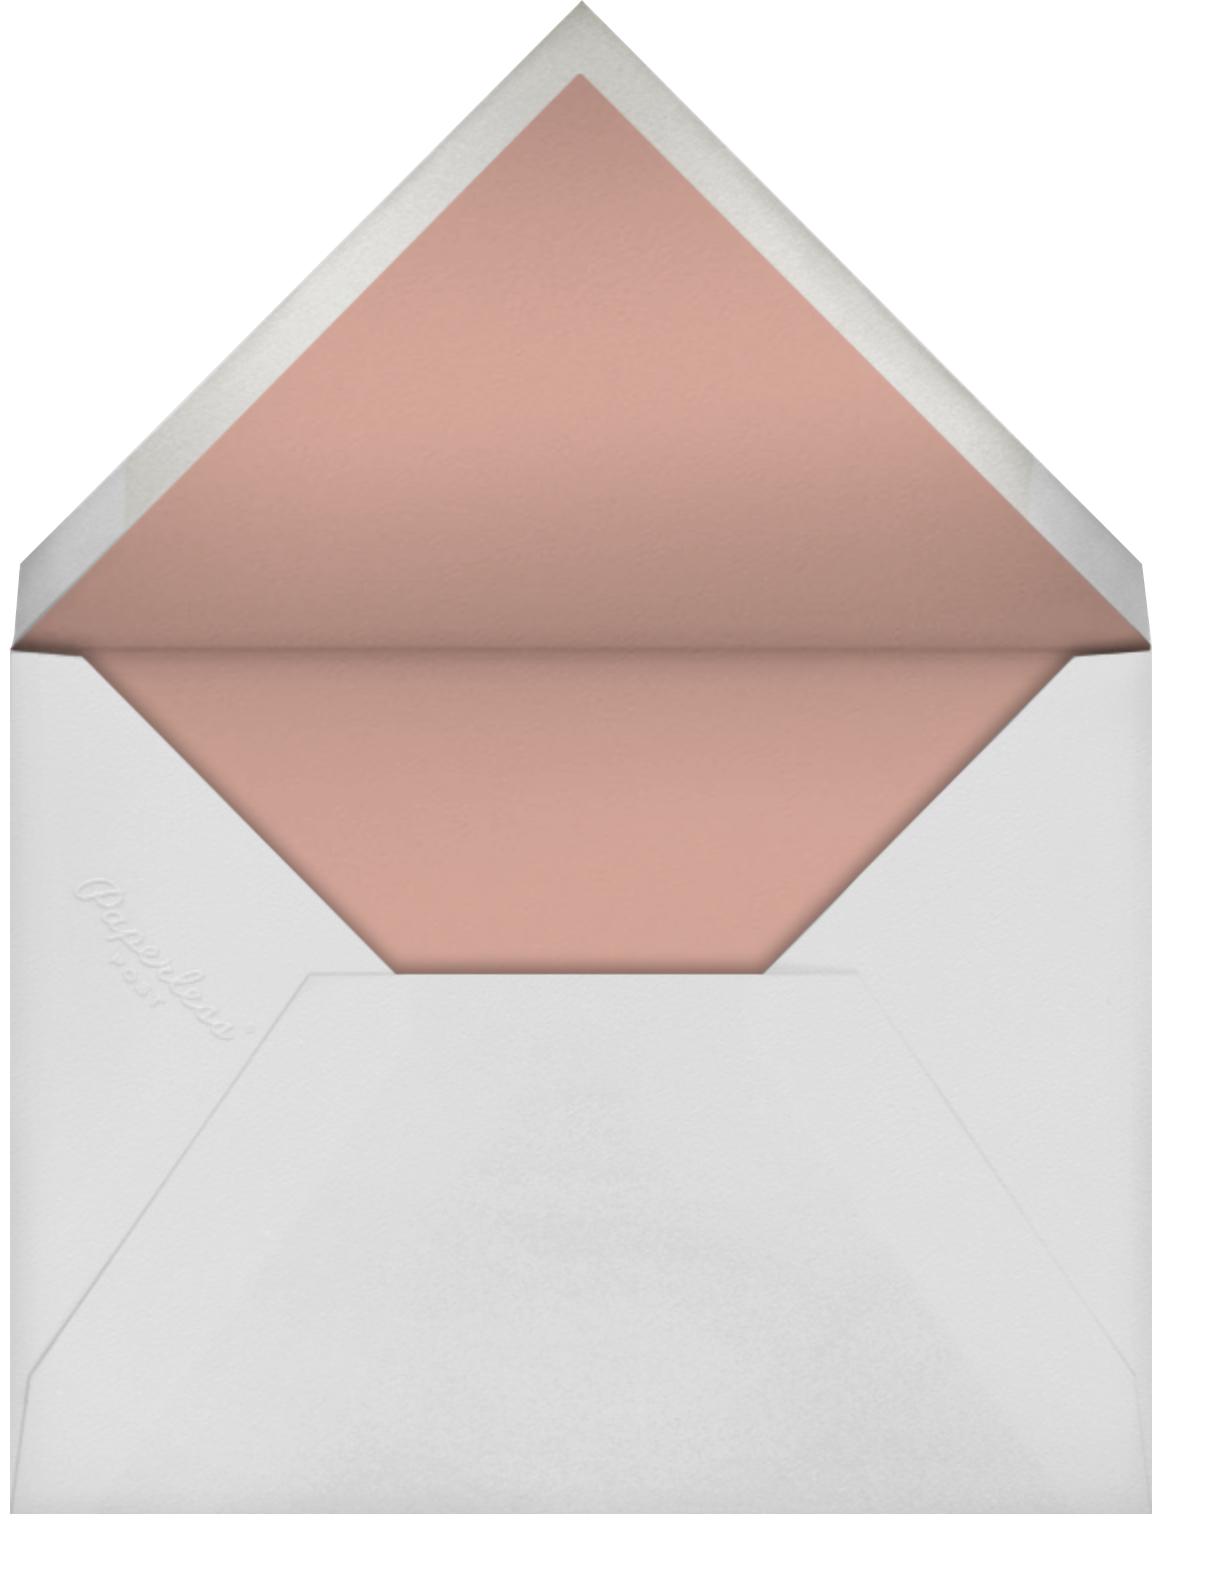 Cuore - Antique Pink - Venamour - Photo  - envelope back